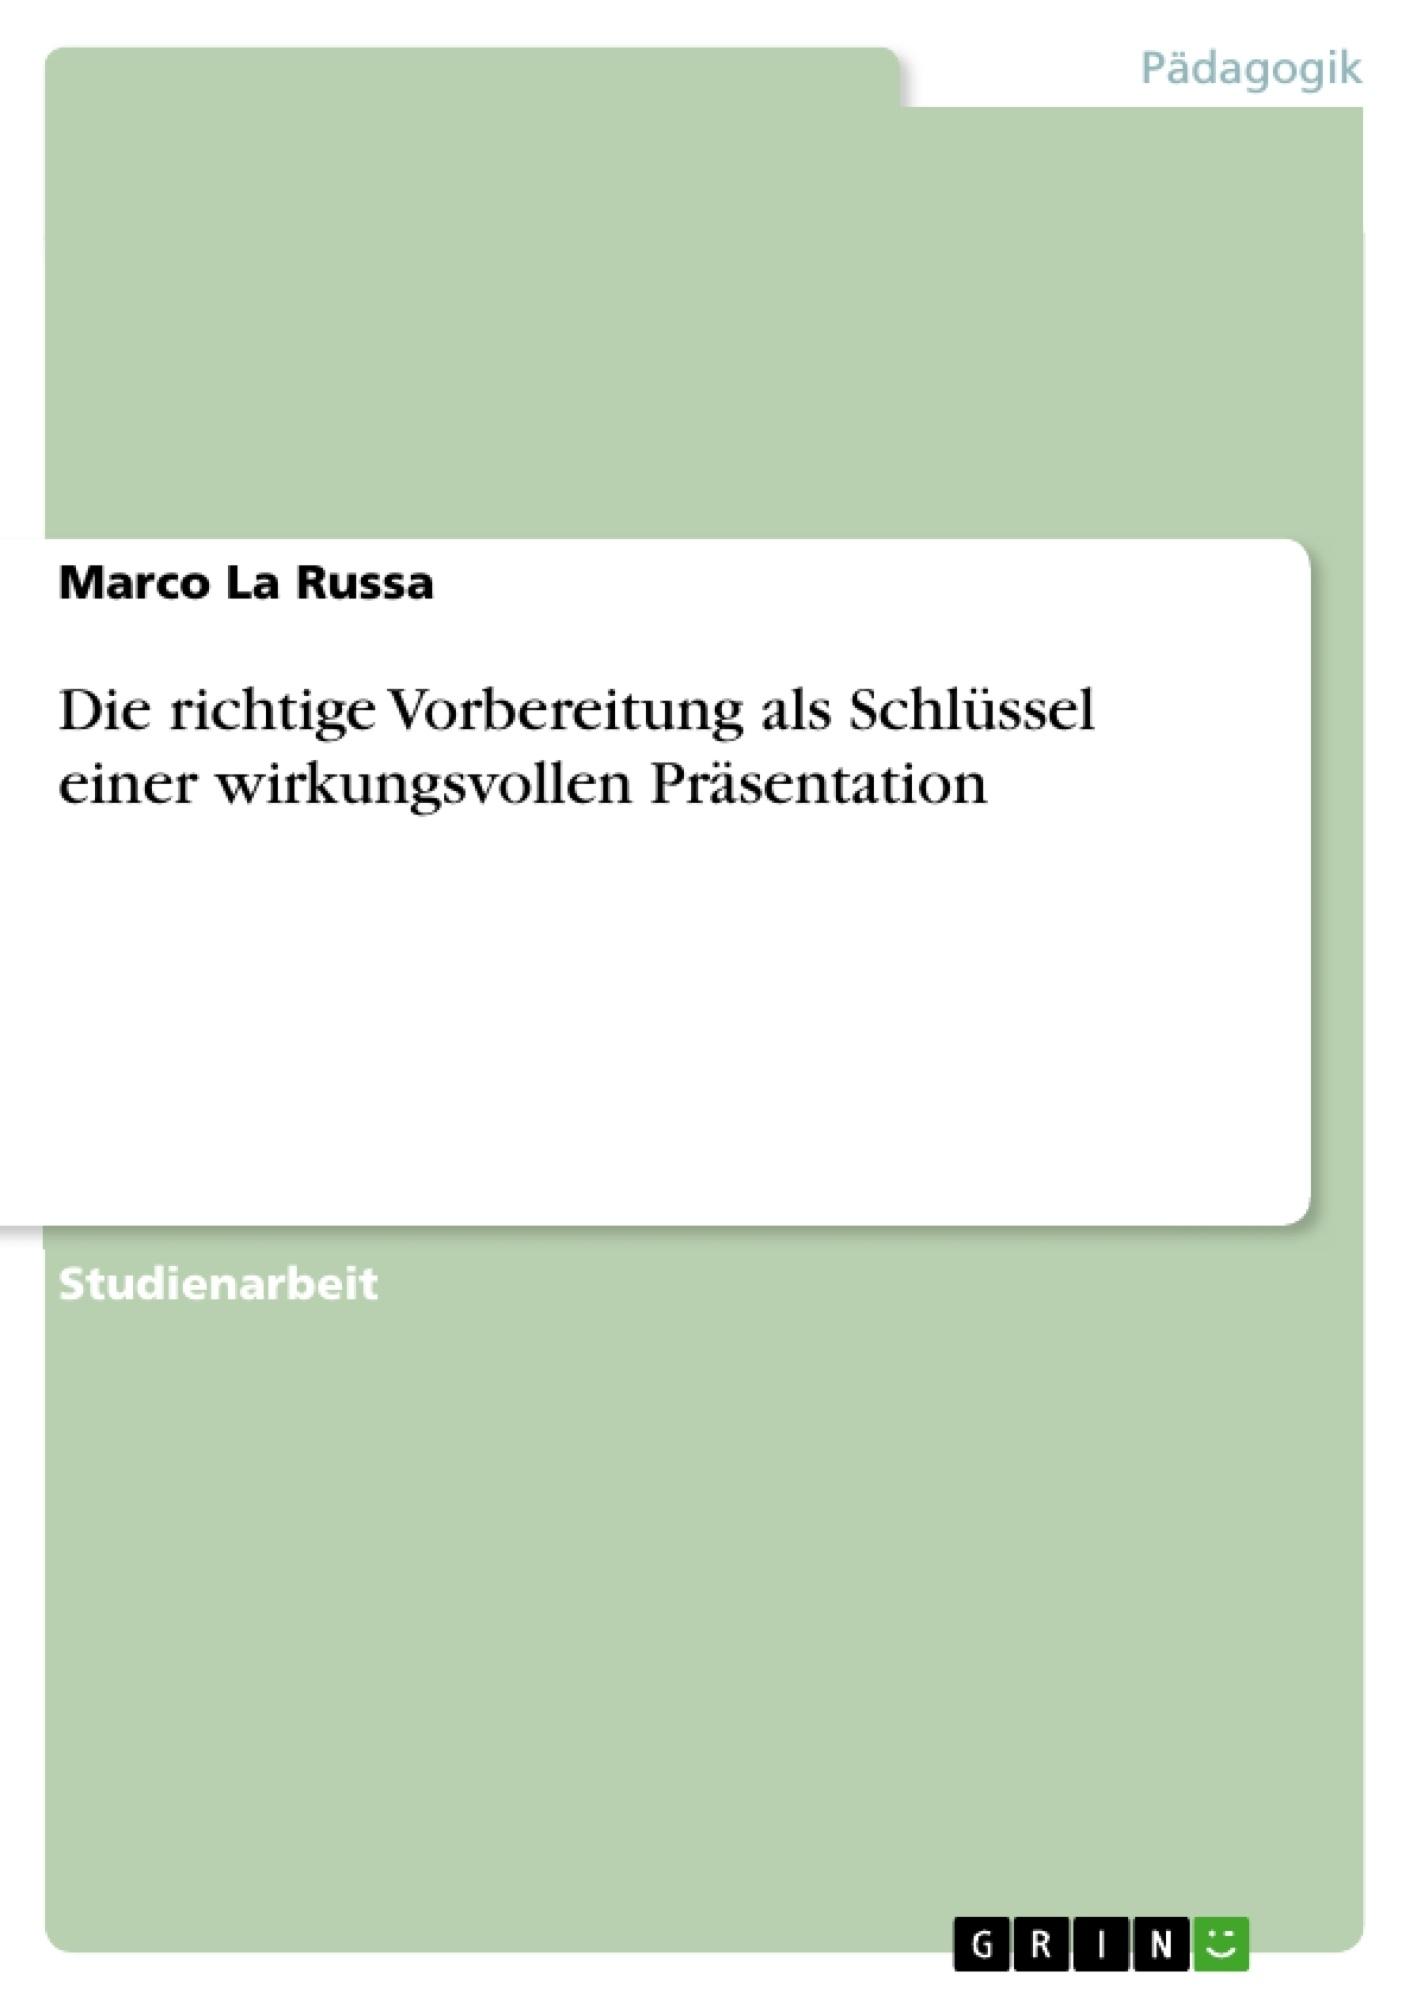 Titel: Die richtige Vorbereitung als Schlüssel einer wirkungsvollen Präsentation